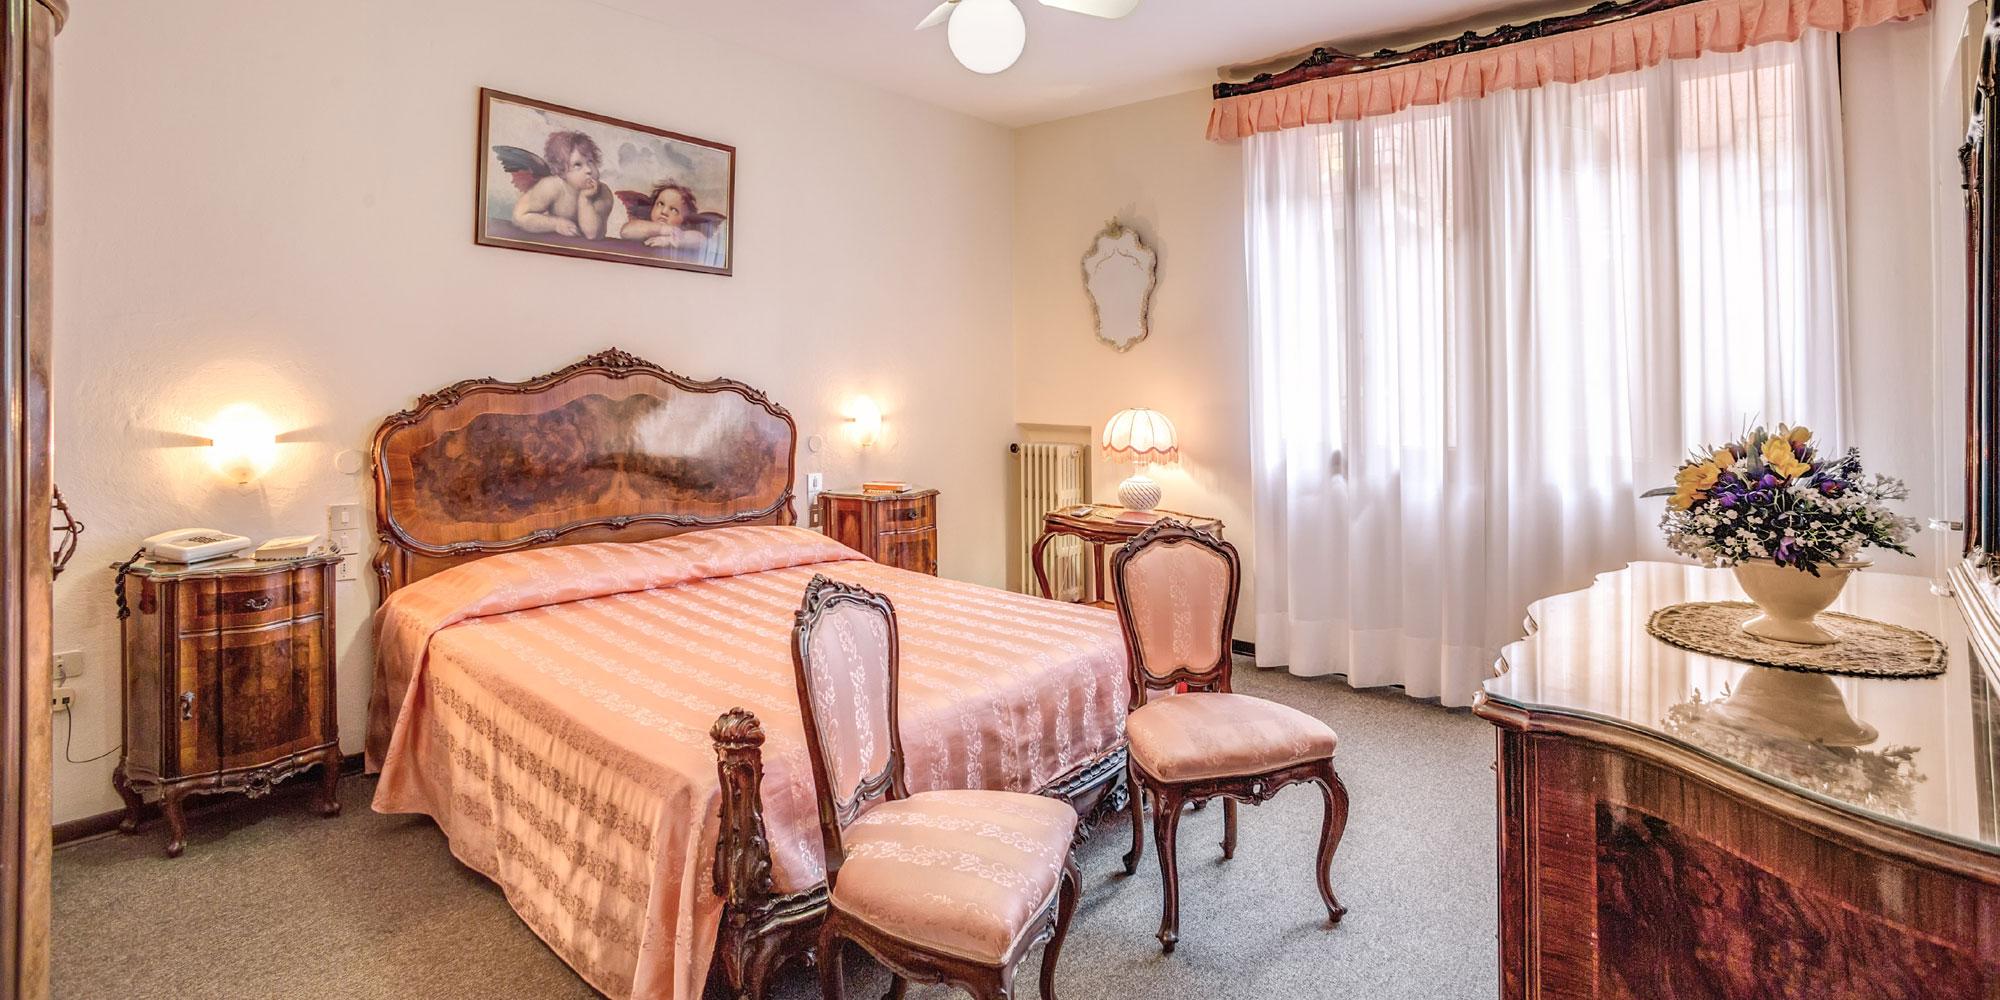 Sterne Hotel Rasierer